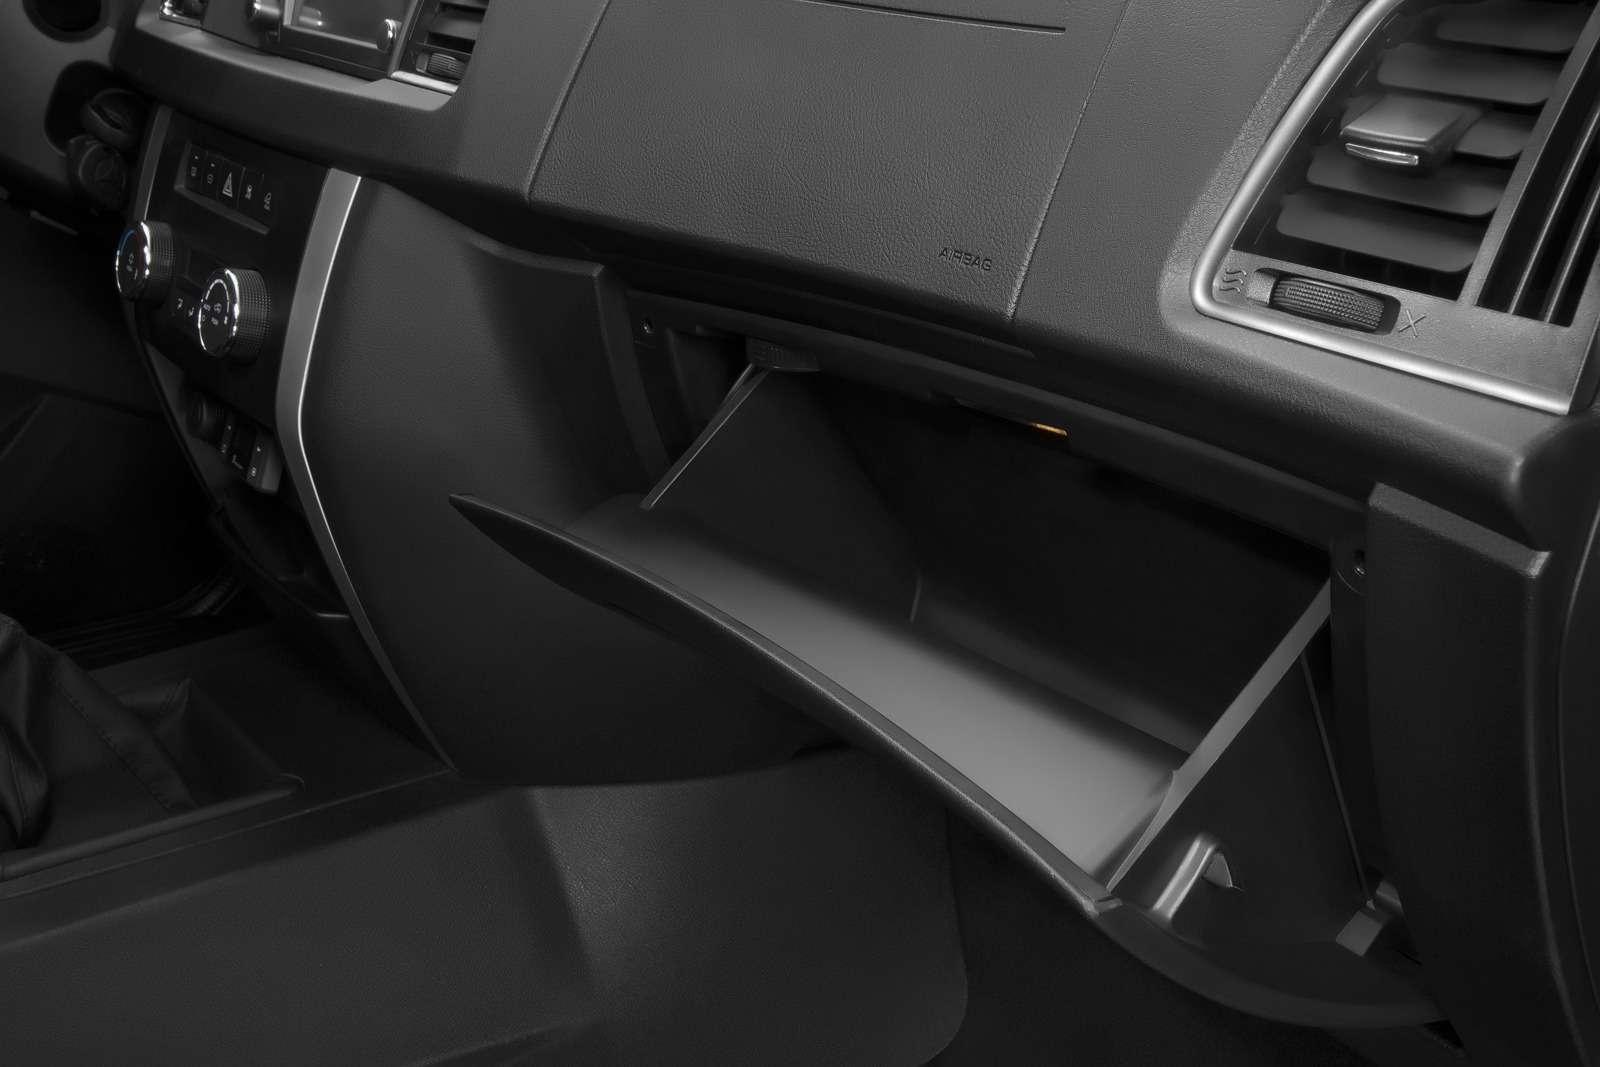 Обновленный УАЗ Патриот нацелился наэкспорт— фото 648334